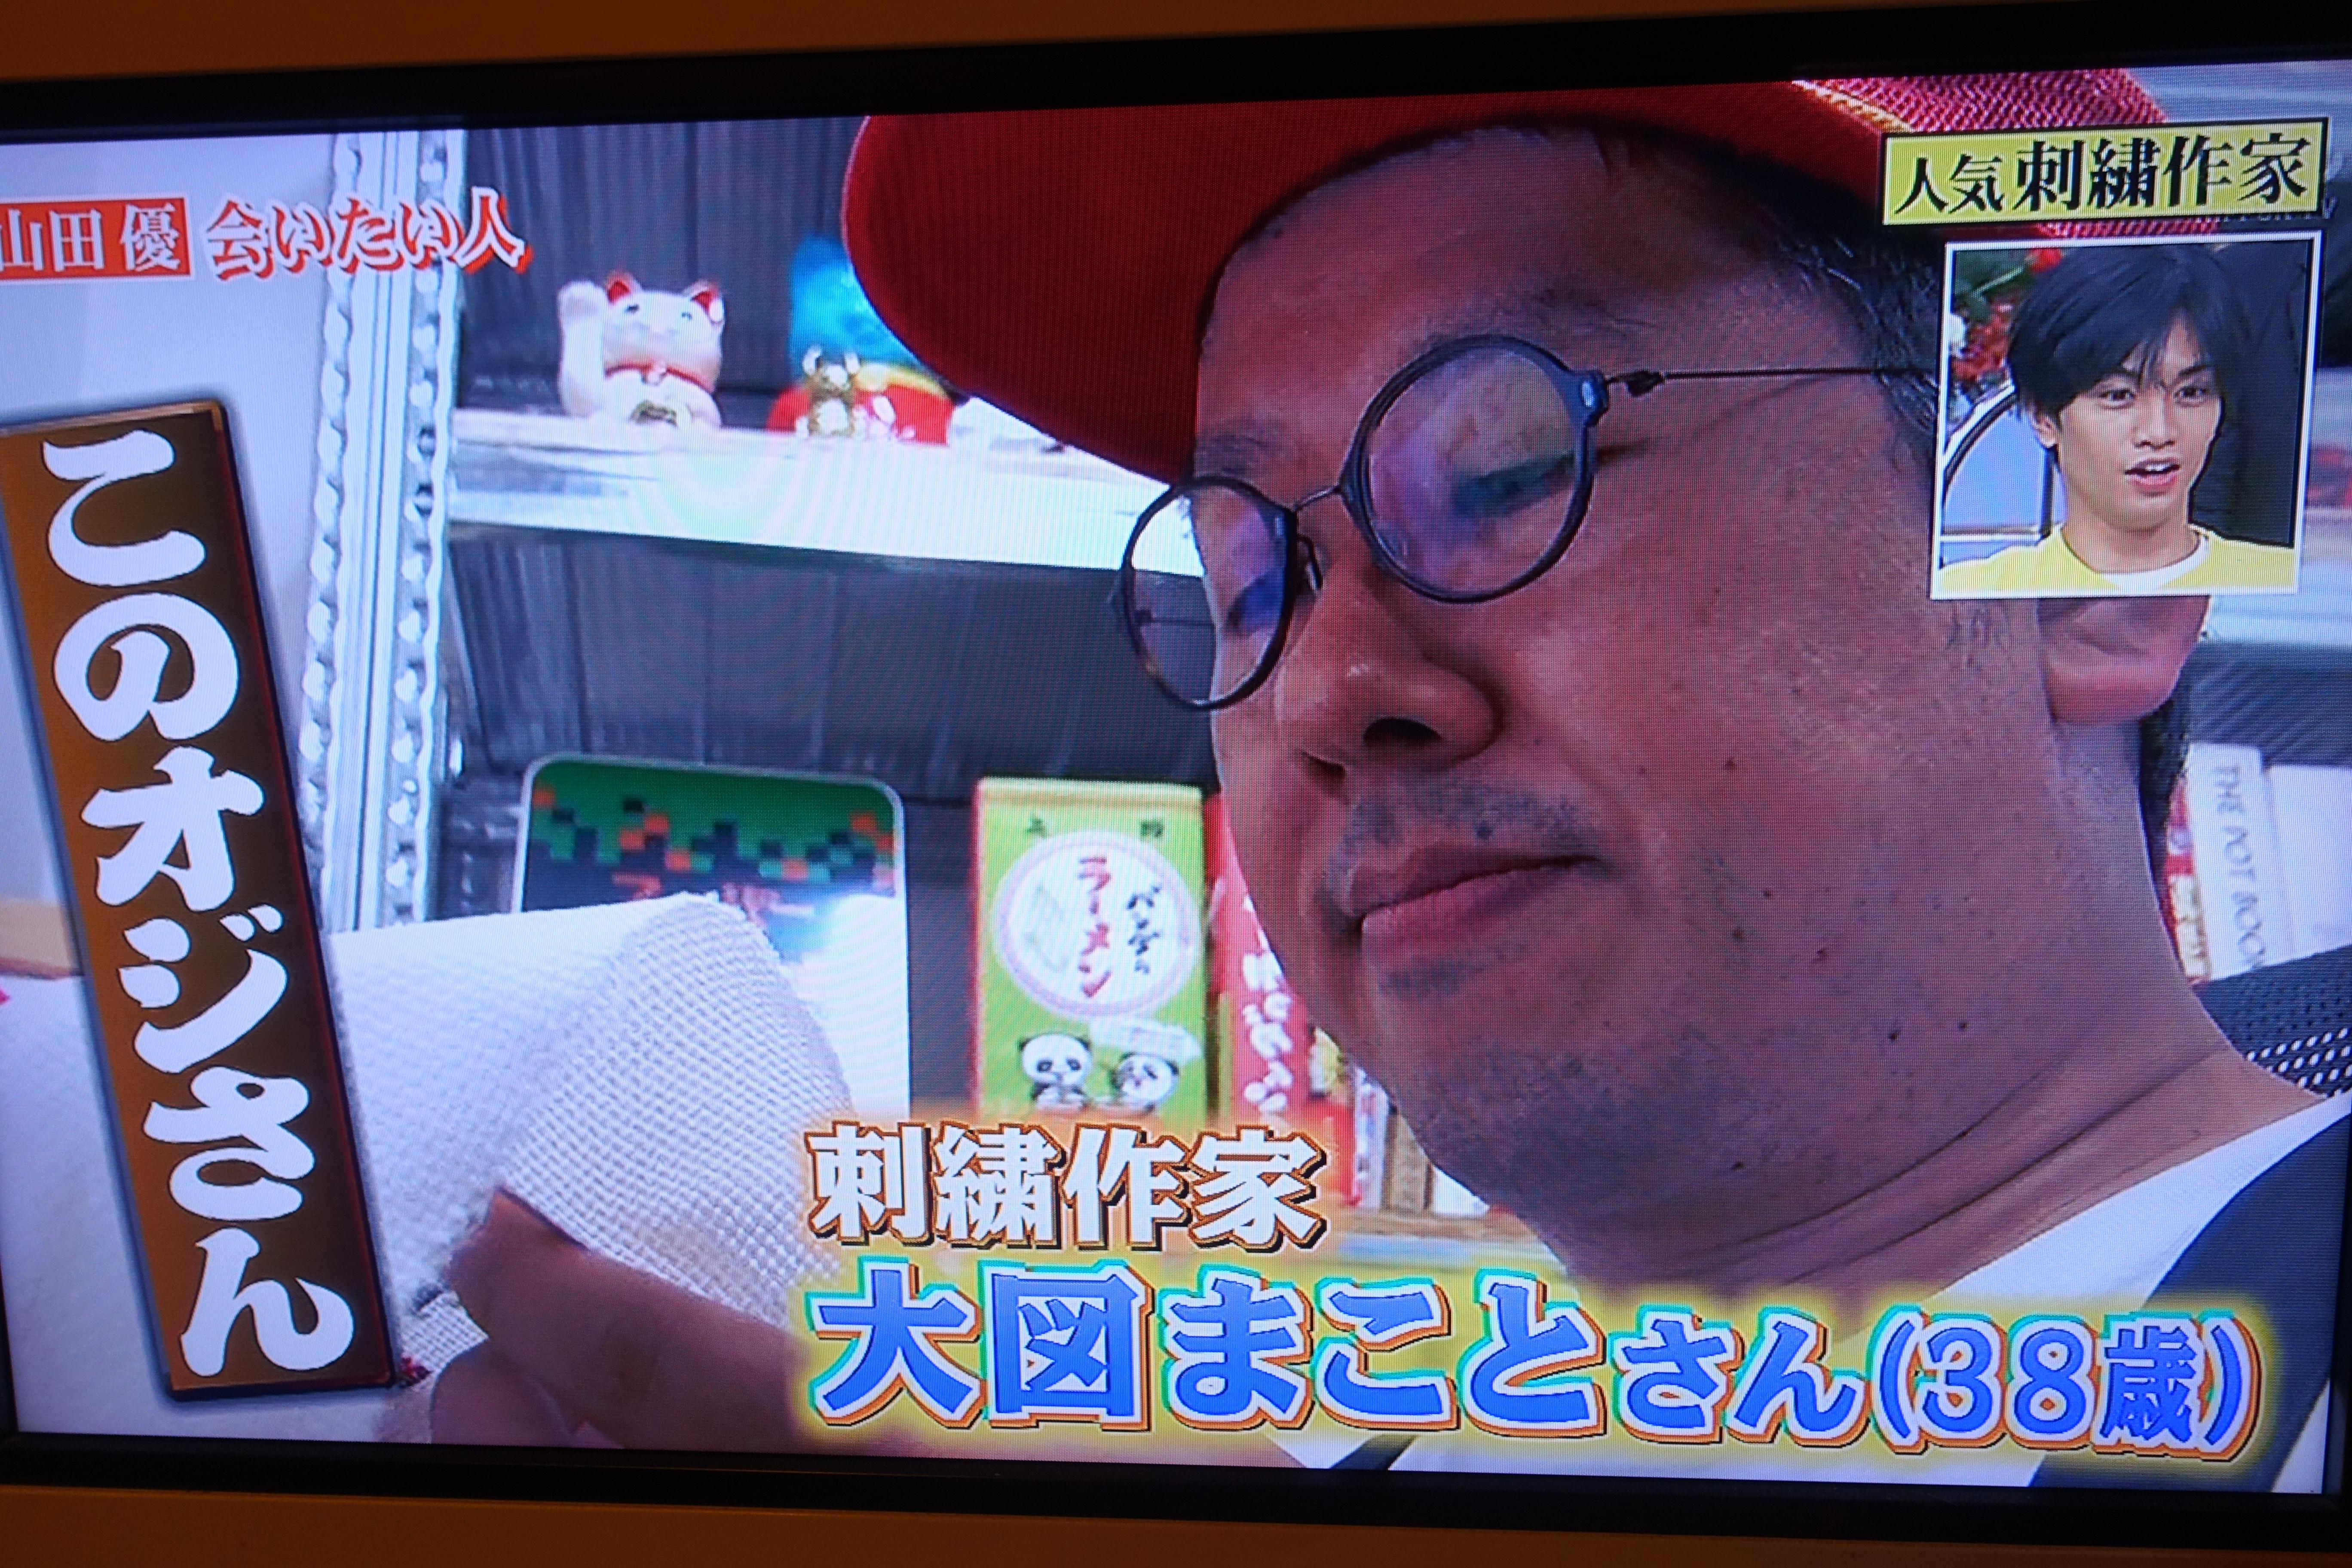 大図まことって誰?山田優が会いたかった刺繍作家で作品がスゴイ!wiki経歴は?【行列のできる法律相談所】